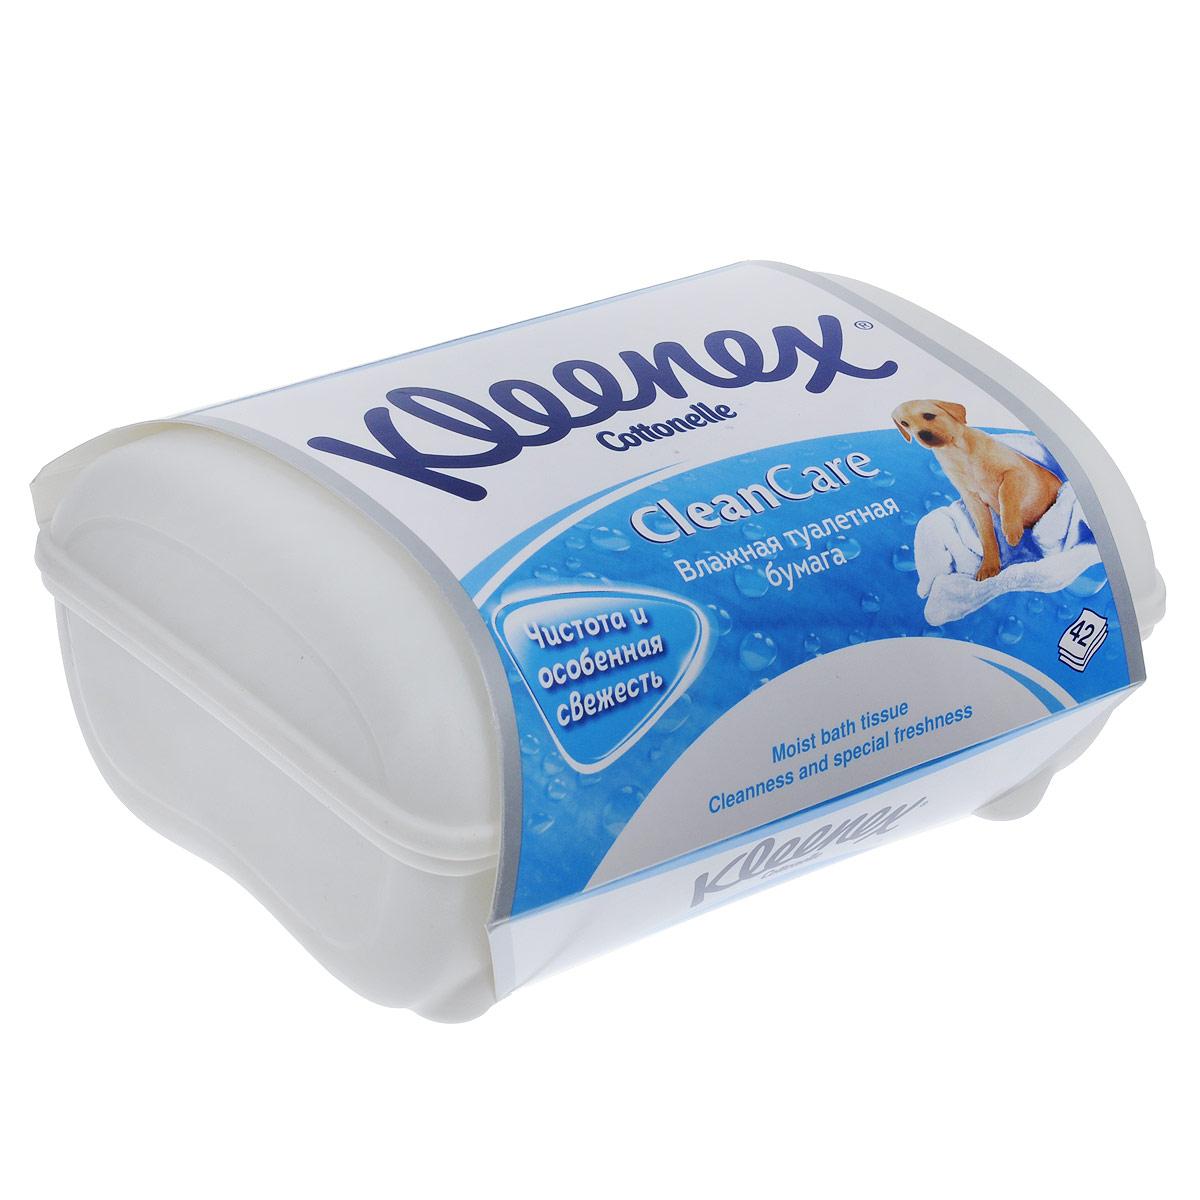 Kleenex Туалетная бумага Clean Care, влажная, в пластиковой коробке, 42 шт26083635Влажная туалетная бумага обеспечит вам повышенный уровень чистоты, гигиены и удобства дома, в офисе, на отдыхе, в дороге. Используйте после обычной туалетной бумаги для ощущения чистоты и свежести. Товар сертифицирован.